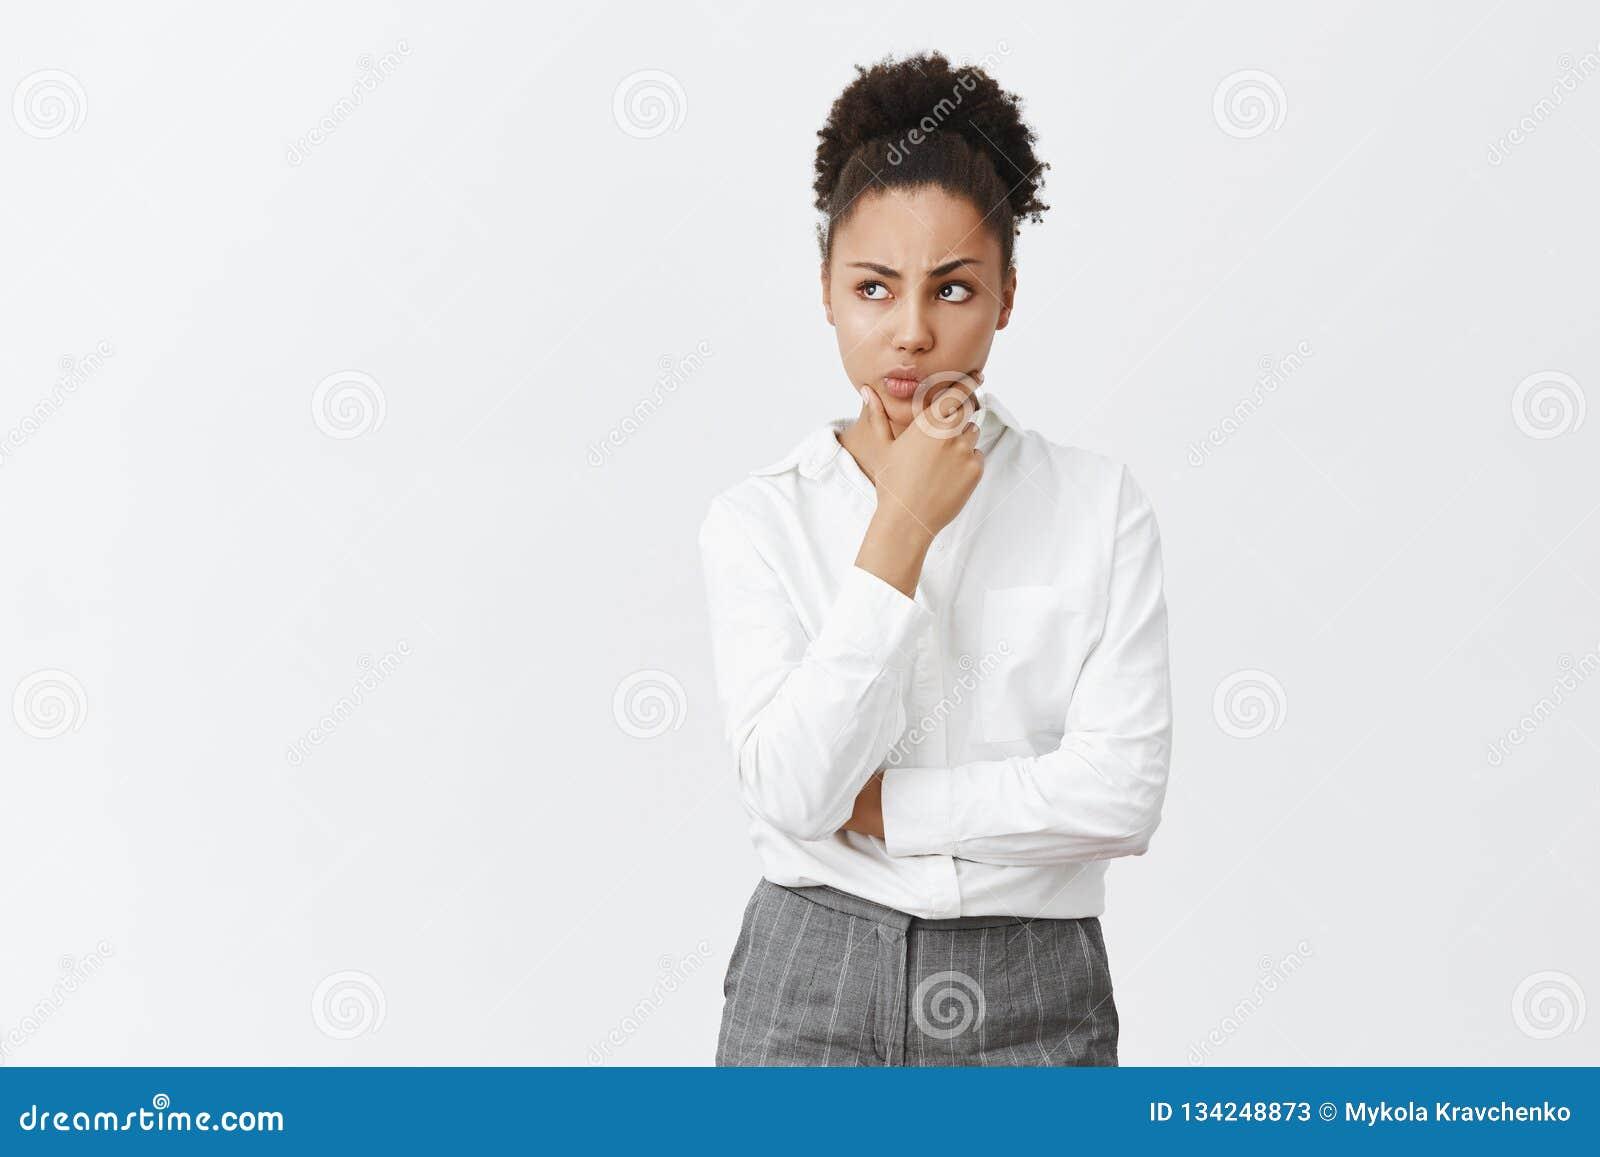 Kobieta skupiał się na umysle, myśleć czemu wyborowemu robi Rozważny atrakcyjny mądrze i kreatywnie kierownik w białej koszula i